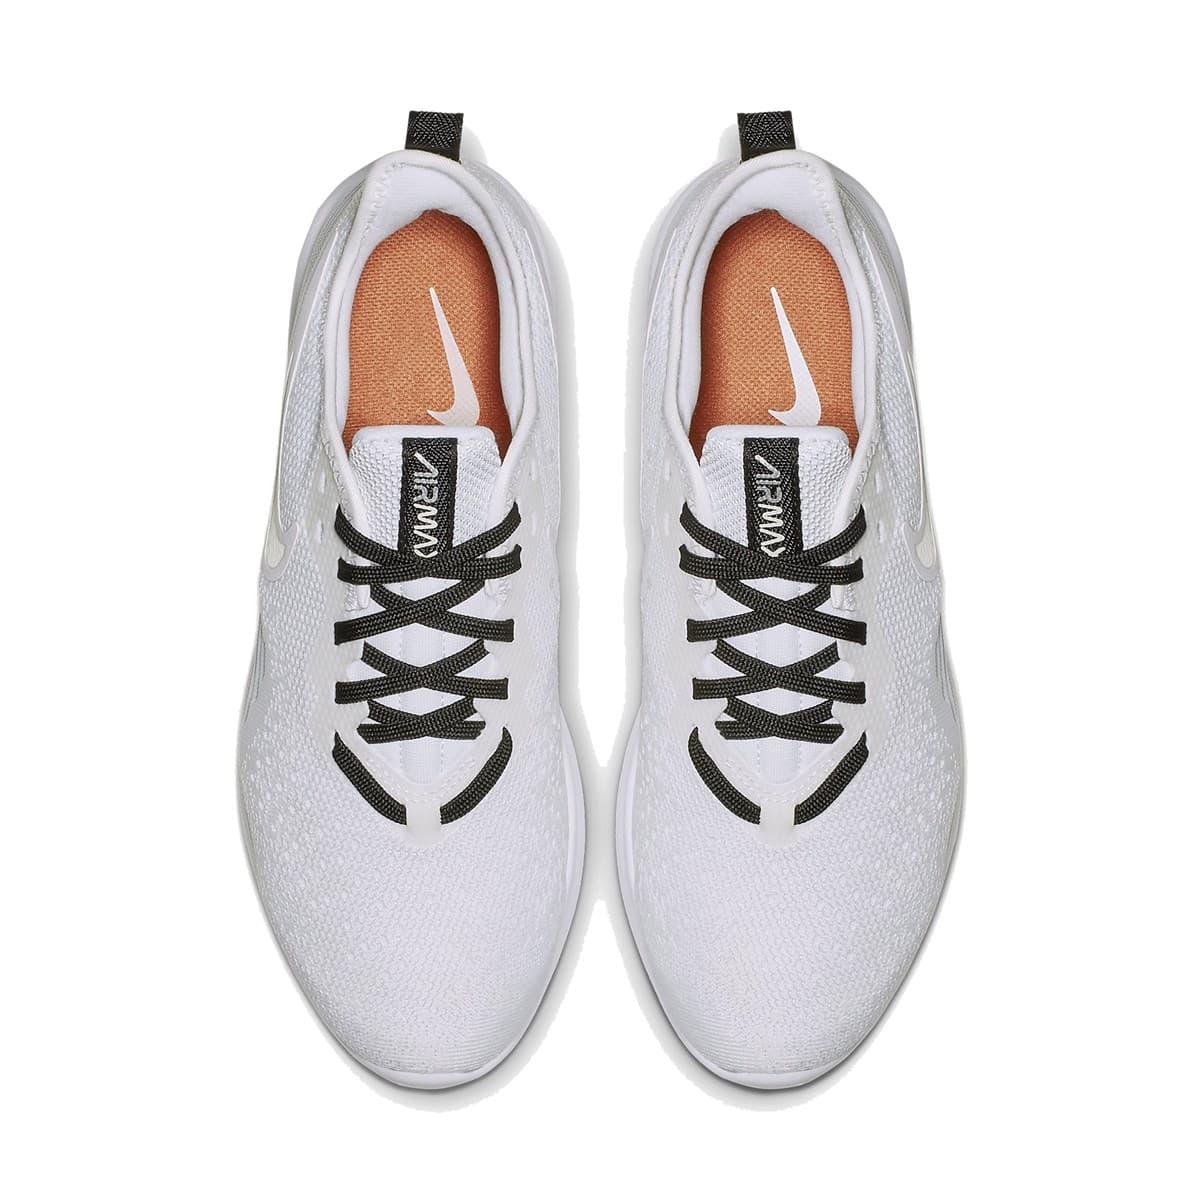 Air Max Sequent 4 Beyaz Koşu Ayakkabısı (AO4486-101)